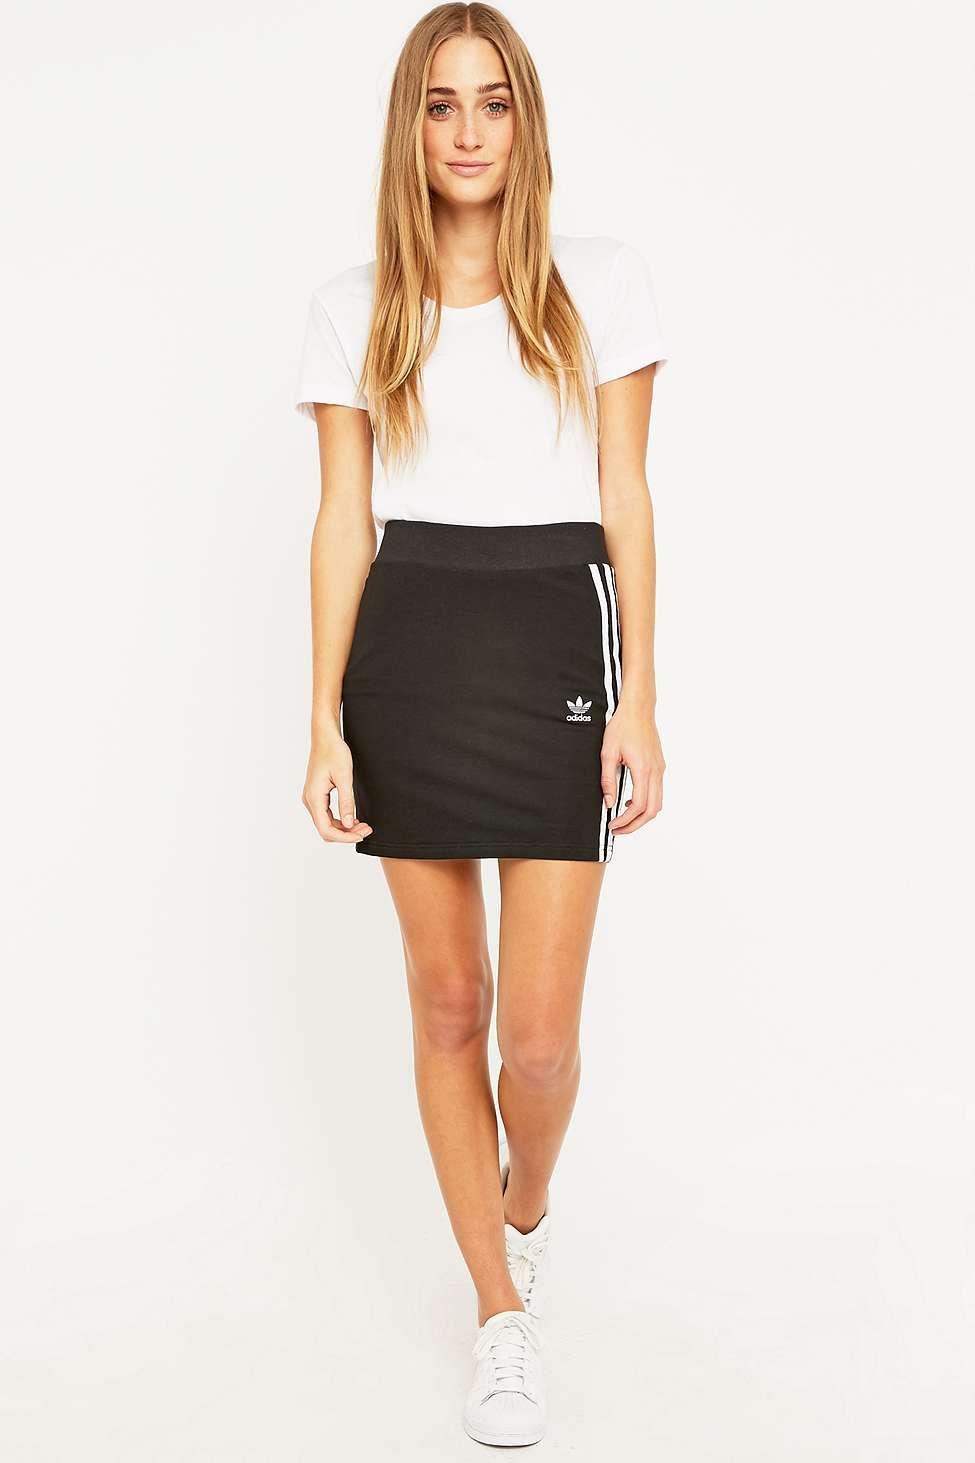 d8a5847716 adidas Three Stripe Black Mini Skirt   Swipe swipe   Adidas three ...